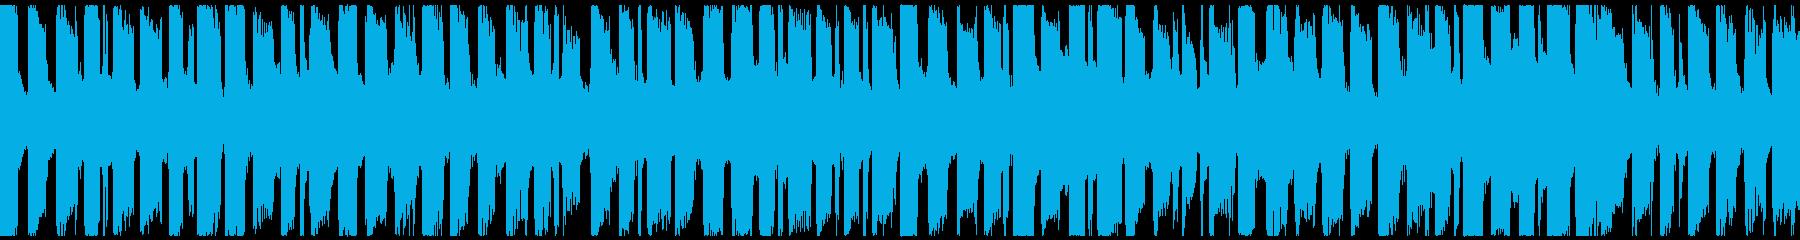 エレクトリックおよびアコースティッ...の再生済みの波形